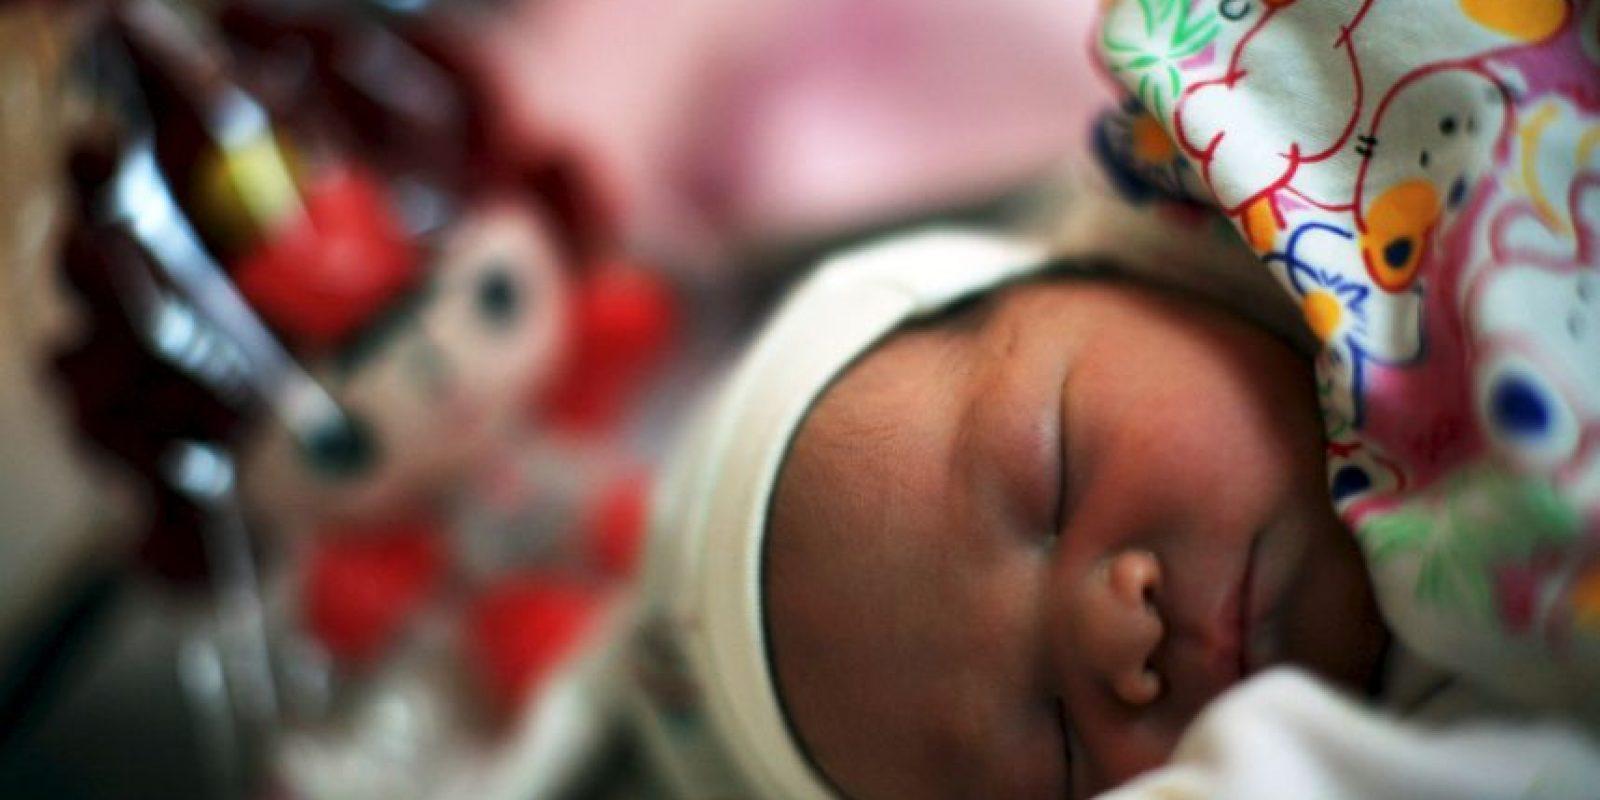 Una niña brasileña fue abusada sexualmente por su padrastro que quedó embarazada. Ella no supo de qué se trataba hata que comenzó a quejarse de dolores en el estómago mientras estaba en la escuela. Foto:Getty Images